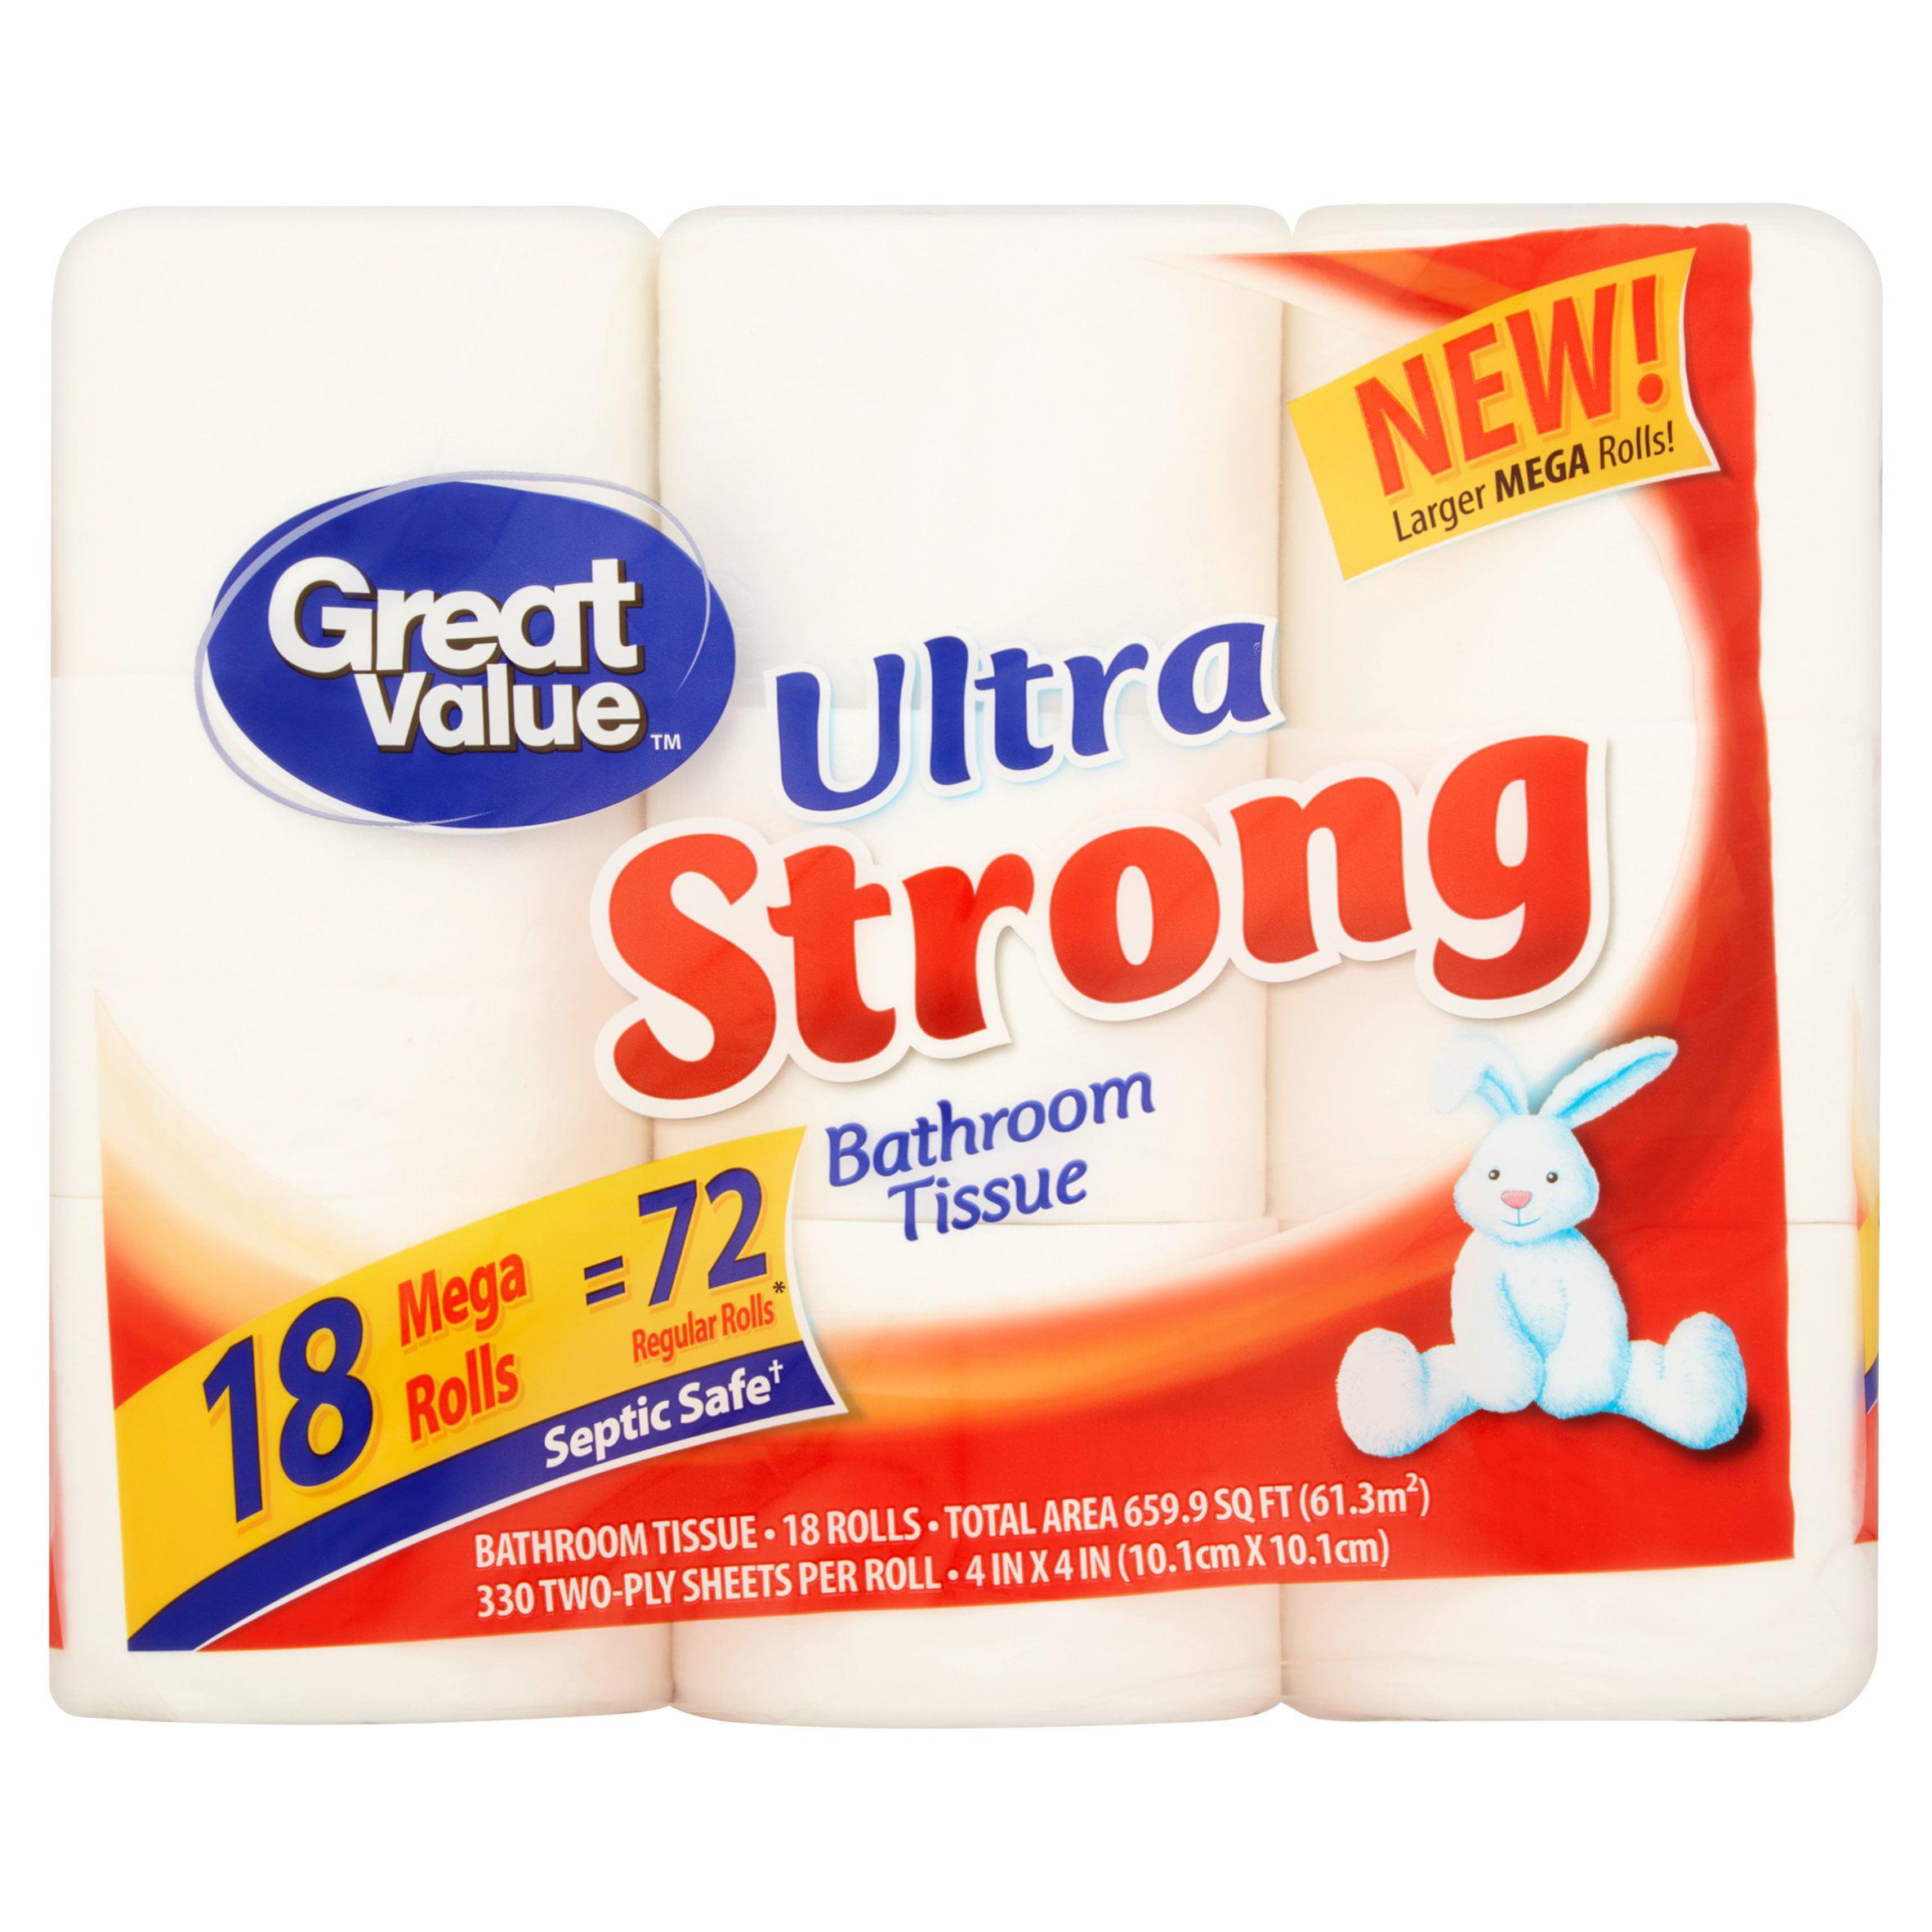 Great Value Bathroom Tissue Ultra Strong 18 Mega Rolls